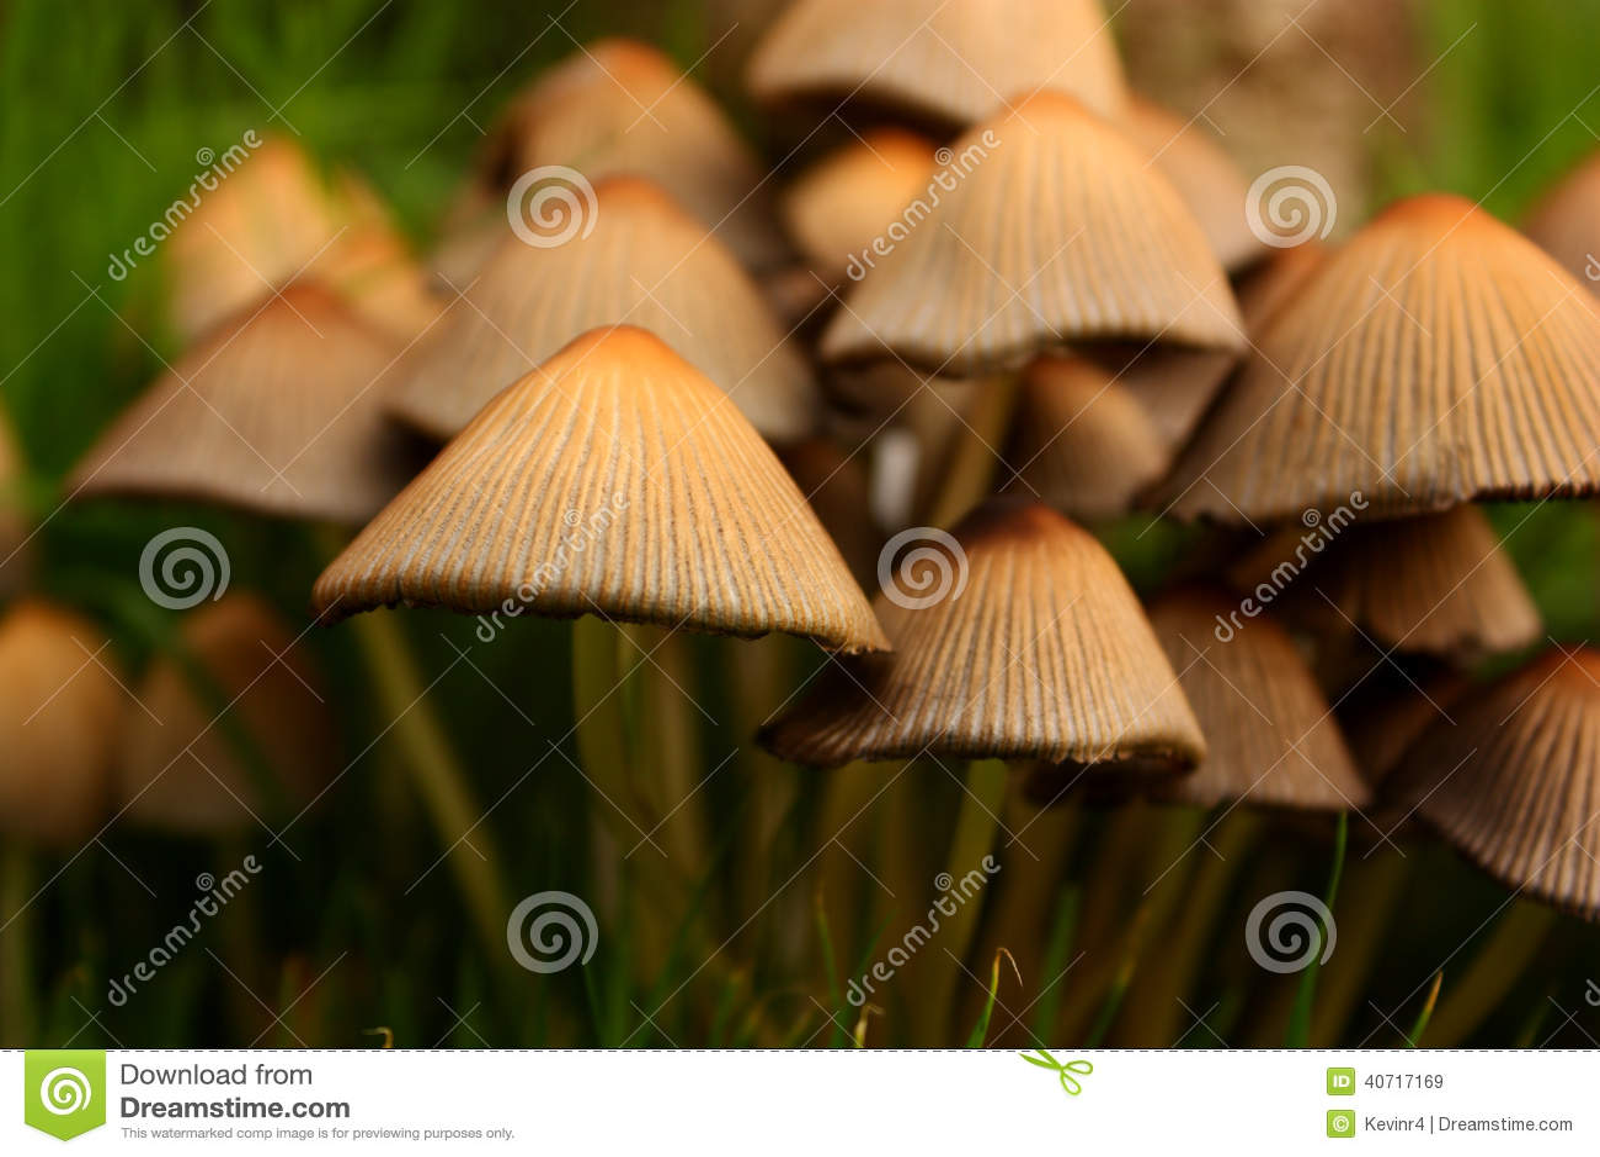 Setas del jard n foto de archivo imagen 40717169 for Setas jardin